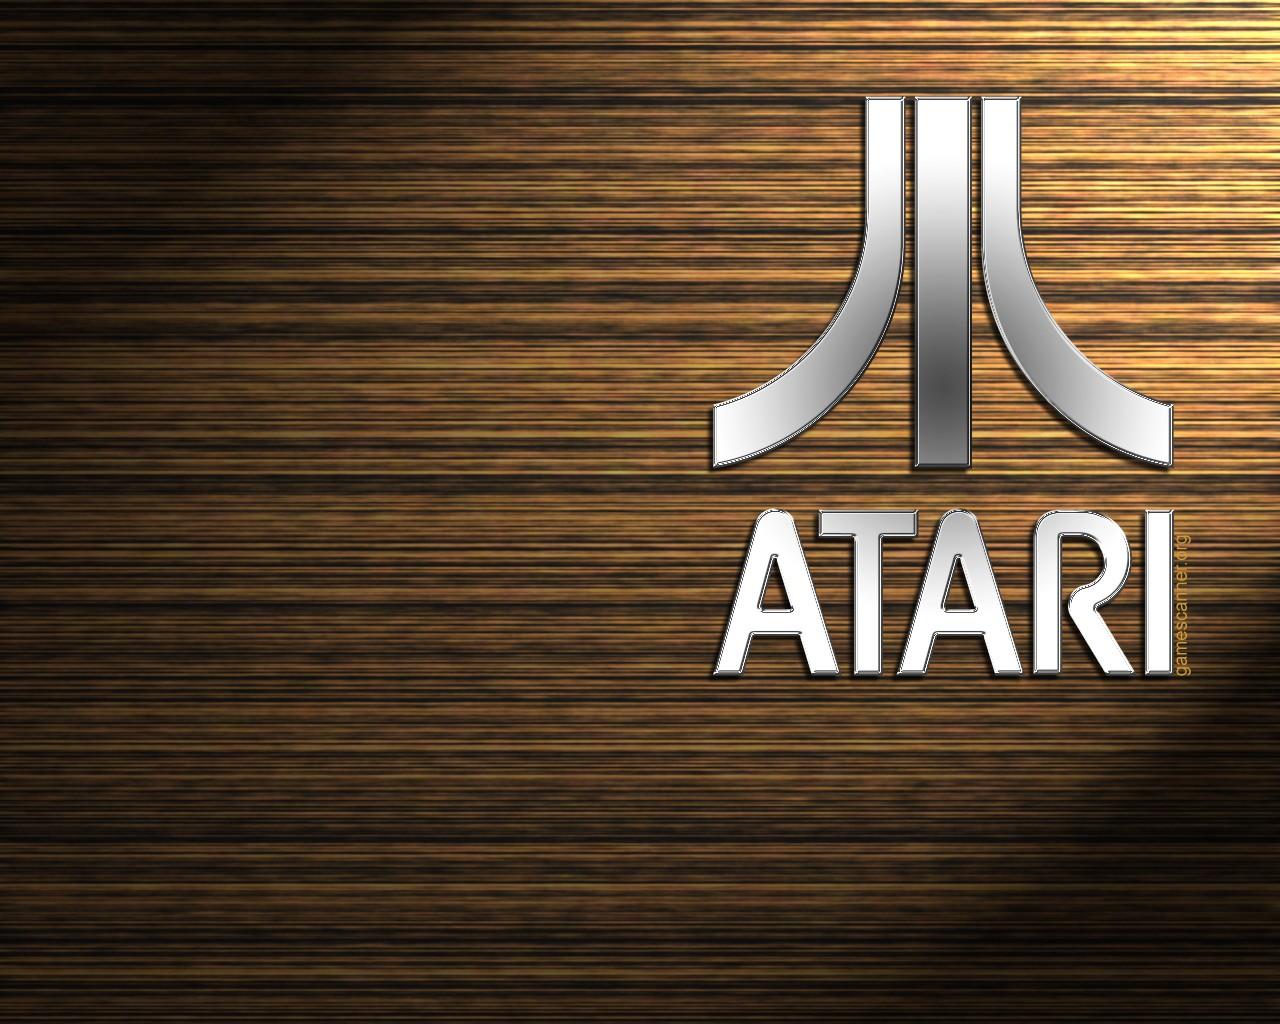 Masaüstü Minimalizm Metin Logo Desen Bilgisayar Atari Eski